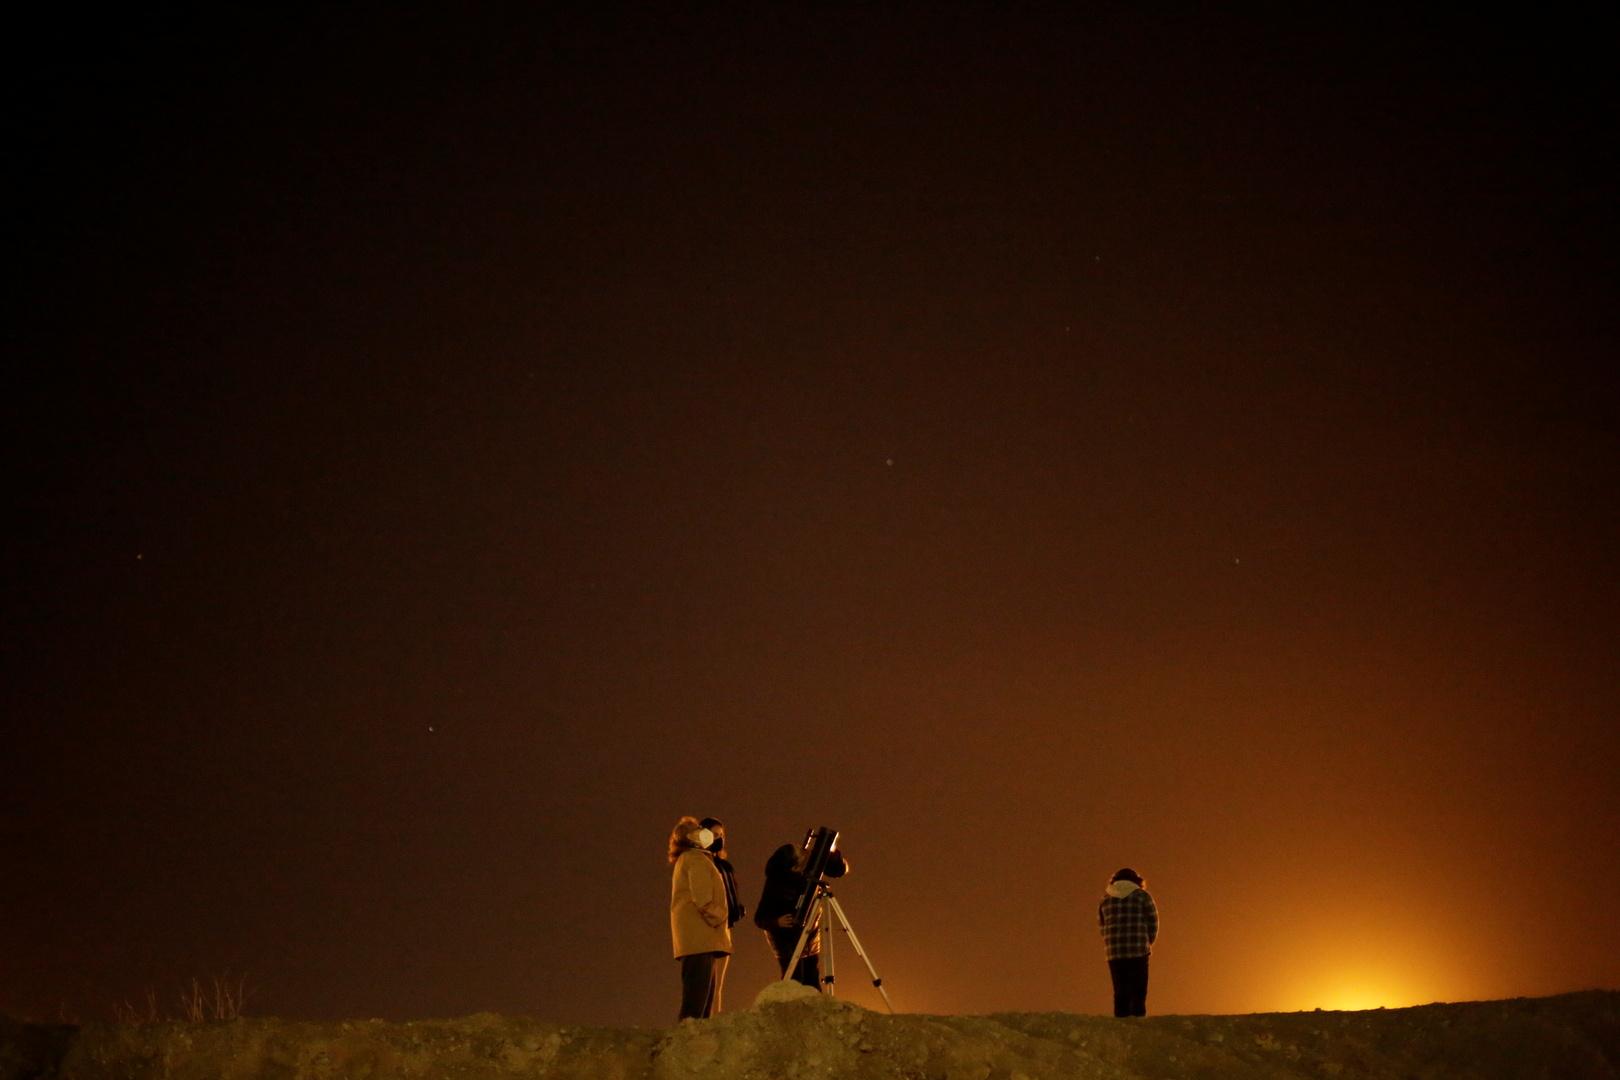 جمعية فلكية سعودية: يمكن رؤية كوكب الزهرة وهو يقترن بعطارد بعد الغروب اليوم